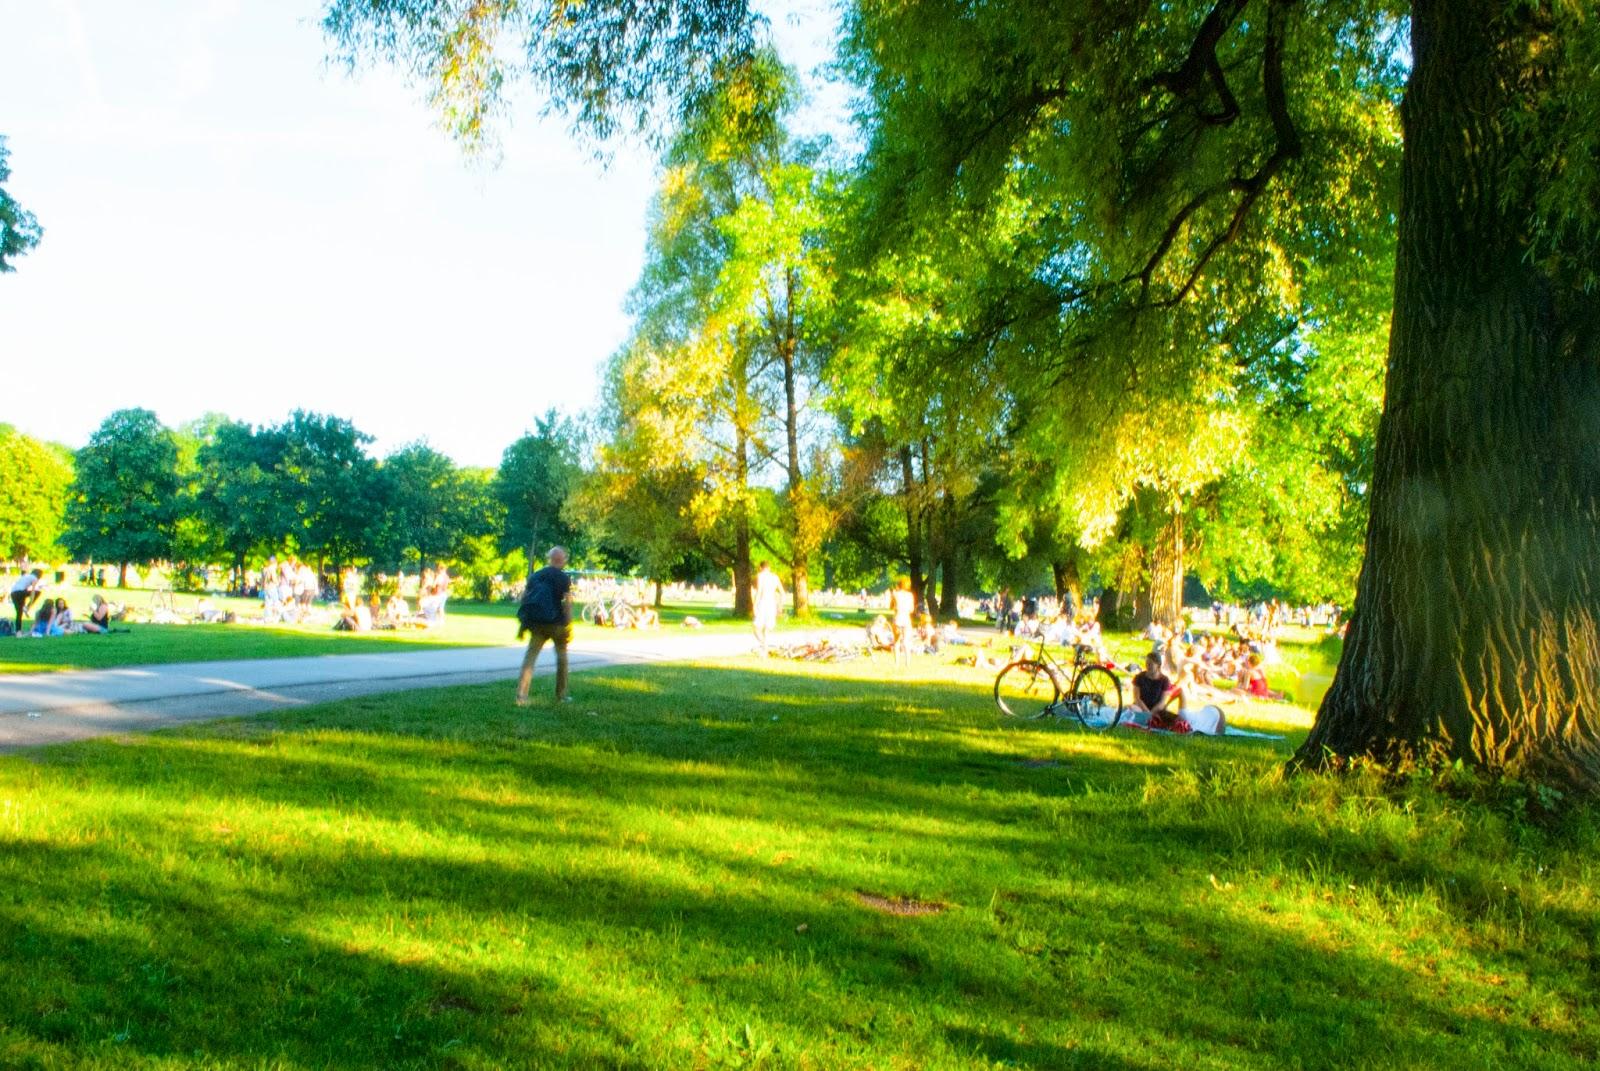 Sommer dahoam: Baden in der Stadt Eisbach München Minga Munich Englischer Garten Hupsis Serendipity Sommer Lifestyle